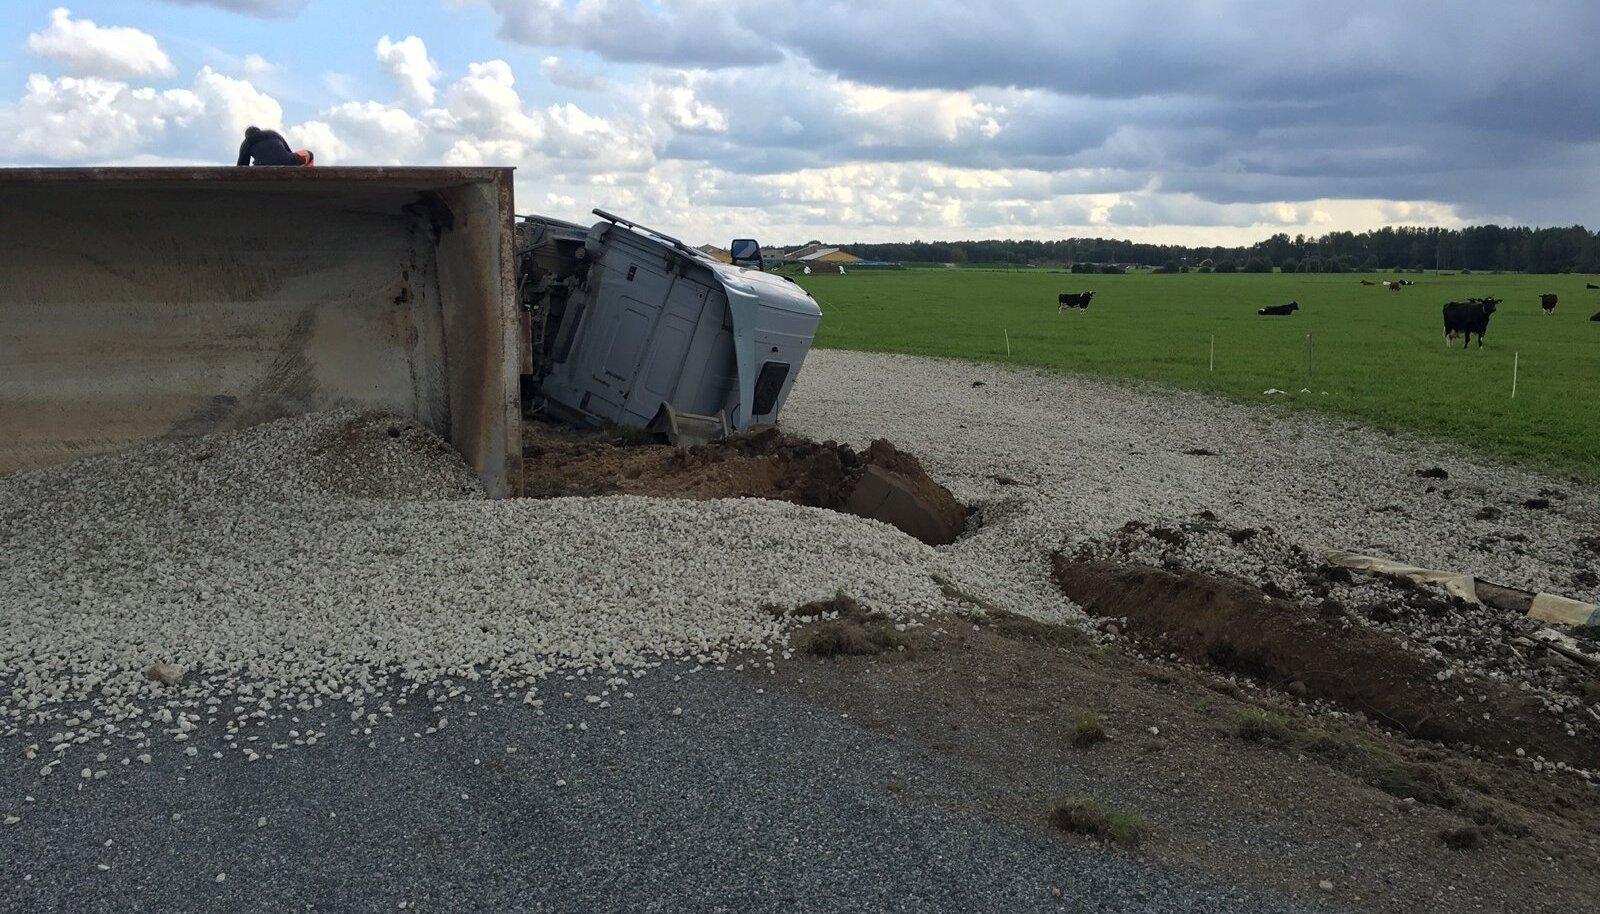 Pildil on Jõgevamaal külili paiskunud veoauto